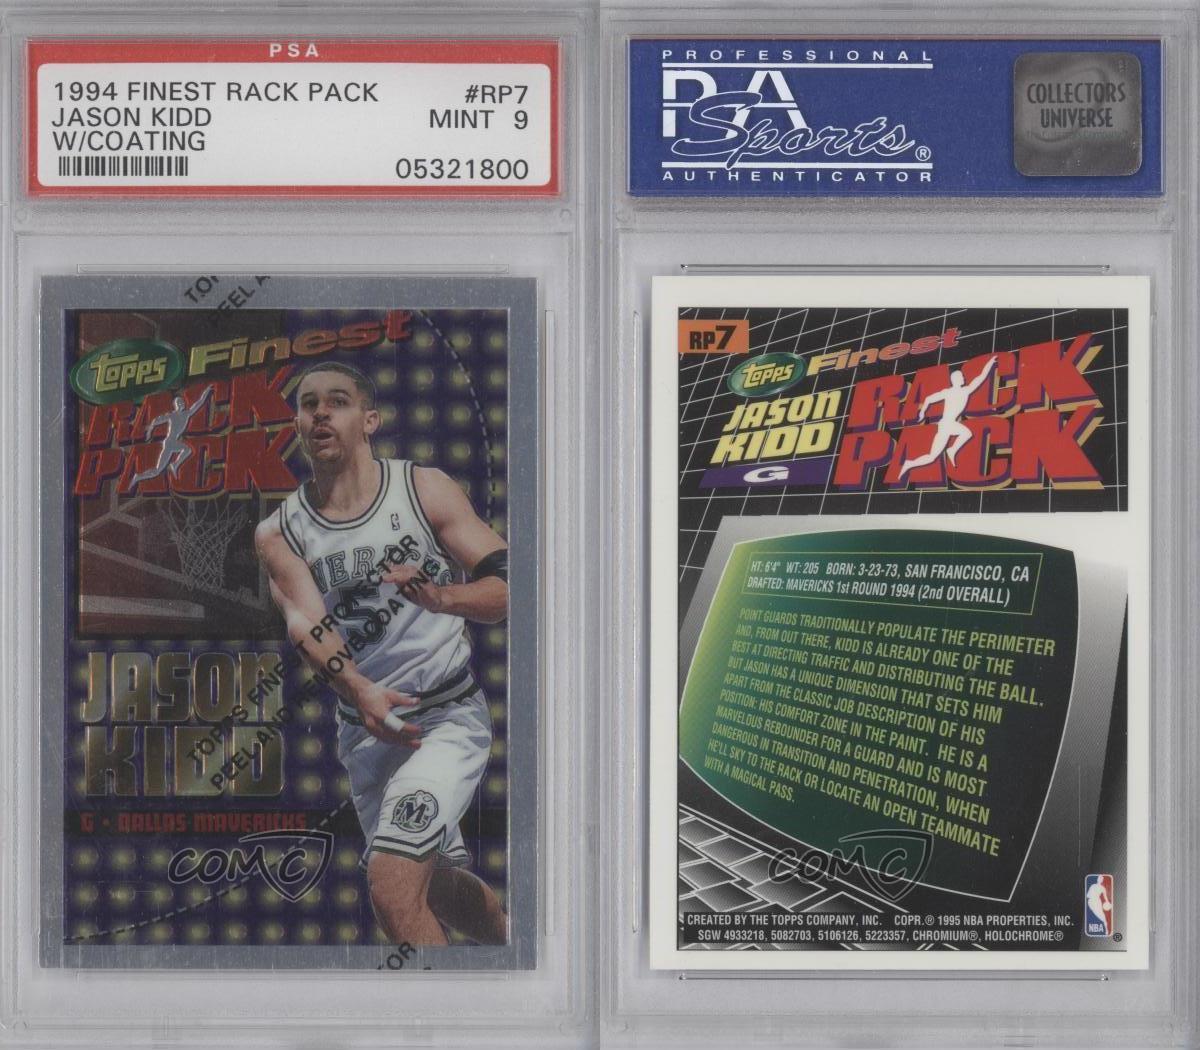 1994-95 Topps Finest Rack Pack RP7 Jason Kidd PSA 9 Dallas